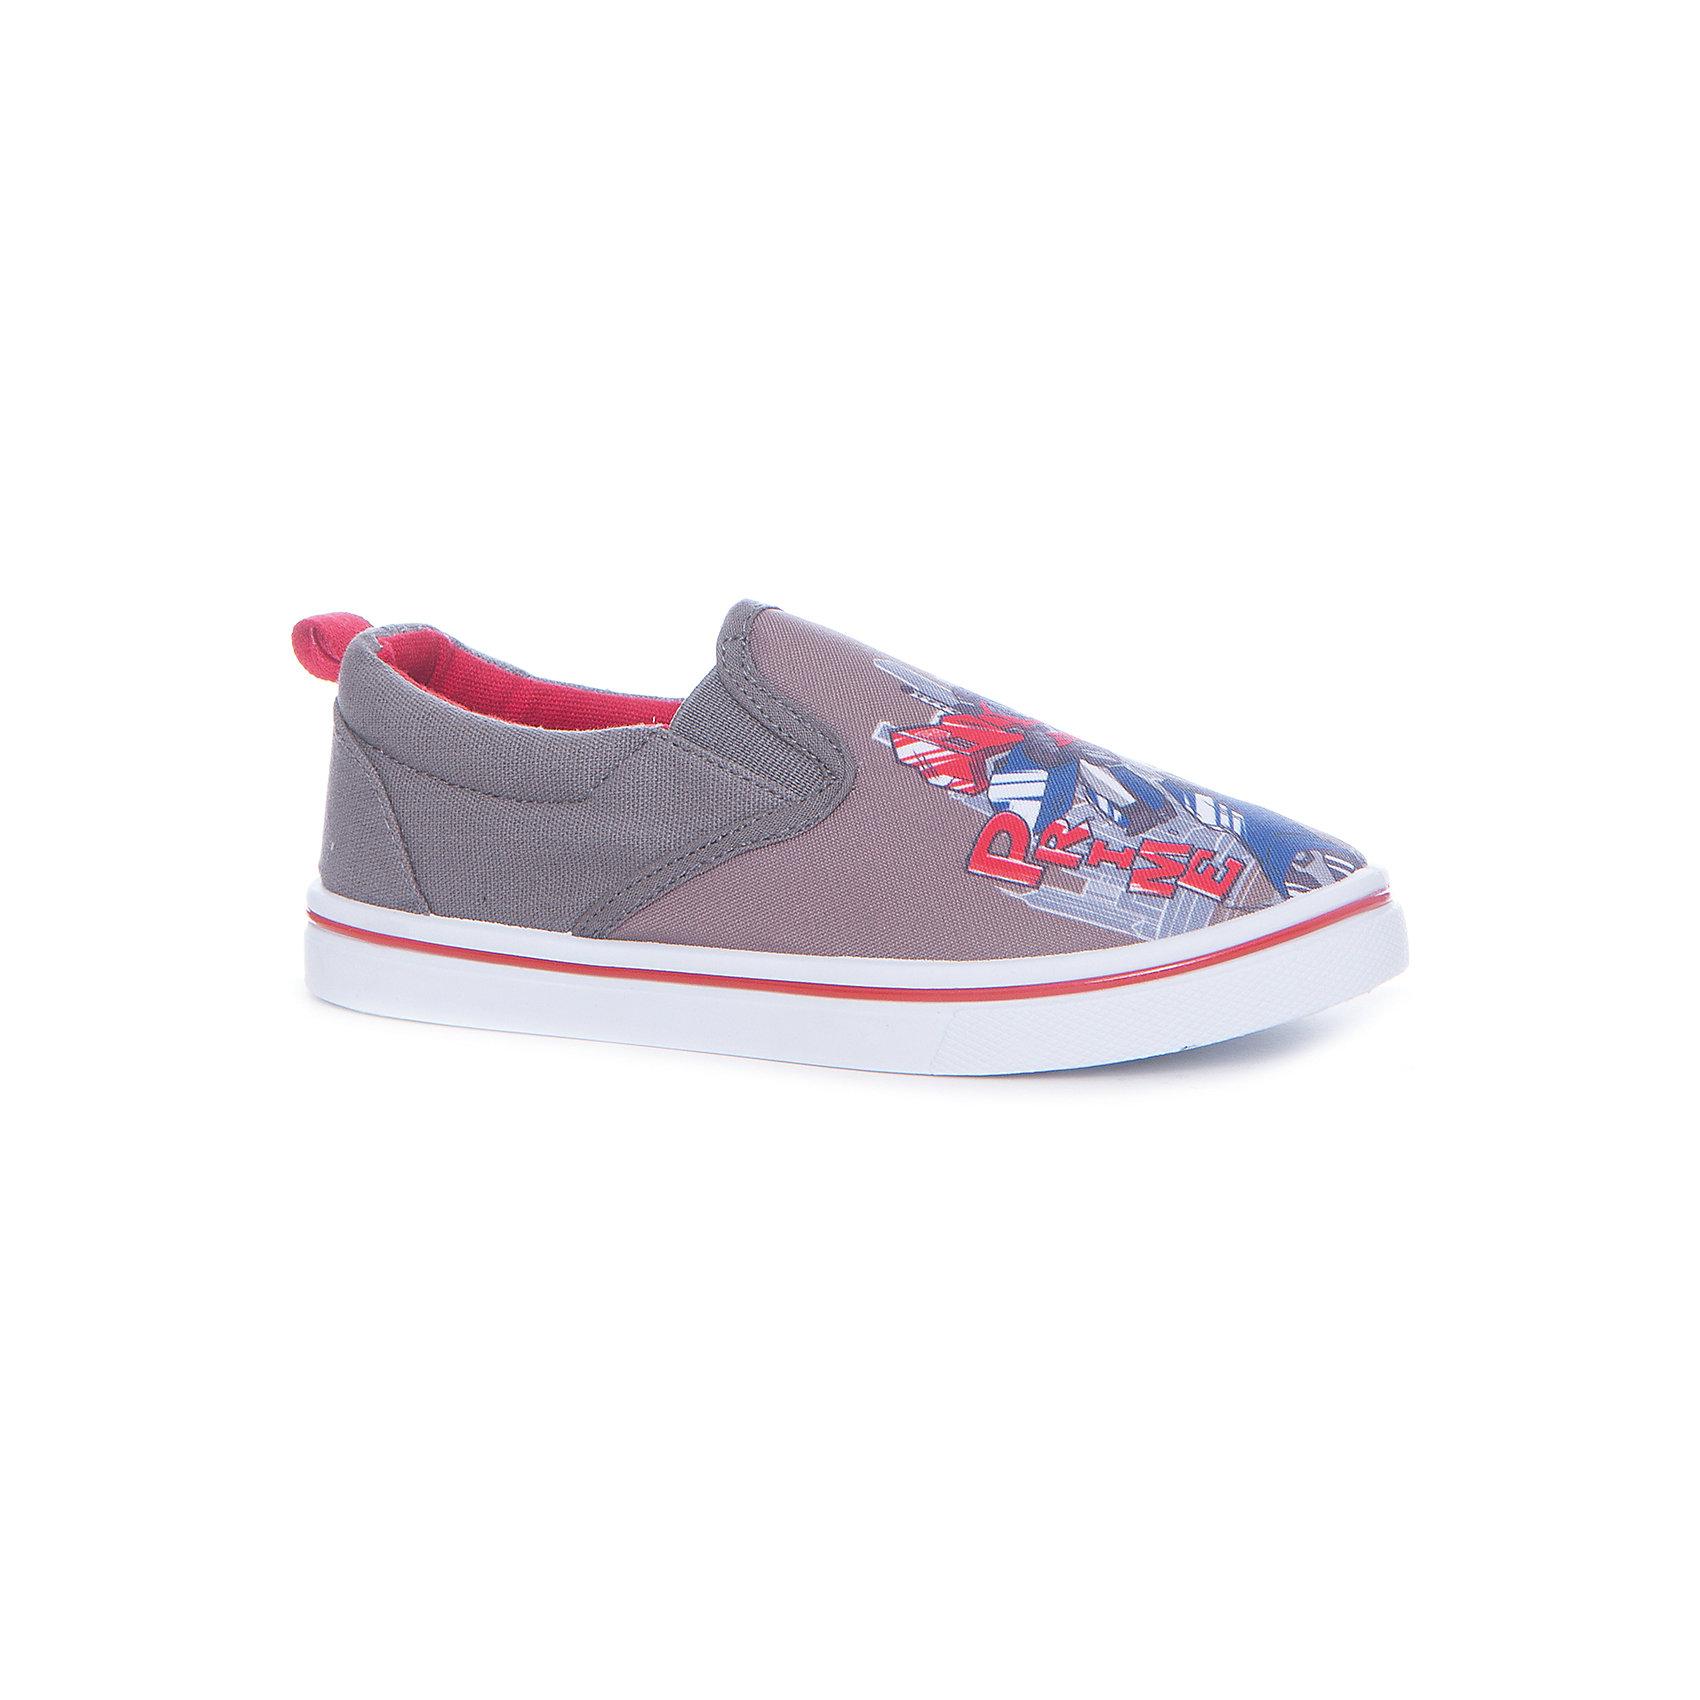 Слипоны для мальчика KAKADUТекстильные туфли<br>Характеристики:<br><br>• цвет: серый<br>• внешний материал: 100% текстиль<br>• внутренний материал: текстиль<br>• стелька: хлопок<br>• подошва: ПВХ<br>• высота подошвы: 1 см<br>• съёмная стелька<br>• эластичный вставки для удобства надевания<br>• тип обуви: слипоны<br>• сезон: лето<br>• тематика рисунка: Трансформеры<br>• тип подошвы: рифлёная<br>• тип застежки: без застежки<br>• способ крепления подошвы: литая<br>• уход: удаление загрязнений мягкой щеткой<br>• страна бренда: Россия<br>• страна изготовитель: Китай<br><br>Туфли для мальчика KAKADU от Сrossway – это обувь, которая характеризуется высокими качественными и потребительскими характеристиками: прочная, удобная и при этом модная, и яркая! <br><br>Туфли предназначены для летних прогулок. Они выполнены с учетом анатомических особенностей детской стопы. Верх изделия – из текстиля, который обладает высокой воздухопроницаемостью и гигроскопичностью, внутренняя часть и съемная стелька изготовлены из хлопка. <br><br>Подошва выполнена из поливинилхлорида, который особенно устойчив к истиранию. По бокам имеются эластичные вставки, которые обеспечивают хорошую посадку по ноге и легкое обувание. Кеды имеют классическую форму и стильный дизайн: выполнены в модном цвете и декорированы ярким принтом с изображением робота Оптимуса Прайма.<br><br>Туфли для мальчика KAKADU можно купить в нашем интернет-магазине.<br><br>Ширина мм: 227<br>Глубина мм: 145<br>Высота мм: 124<br>Вес г: 325<br>Цвет: серый<br>Возраст от месяцев: 144<br>Возраст до месяцев: 156<br>Пол: Мужской<br>Возраст: Детский<br>Размер: 36,31,32,33,34,35<br>SKU: 5386699